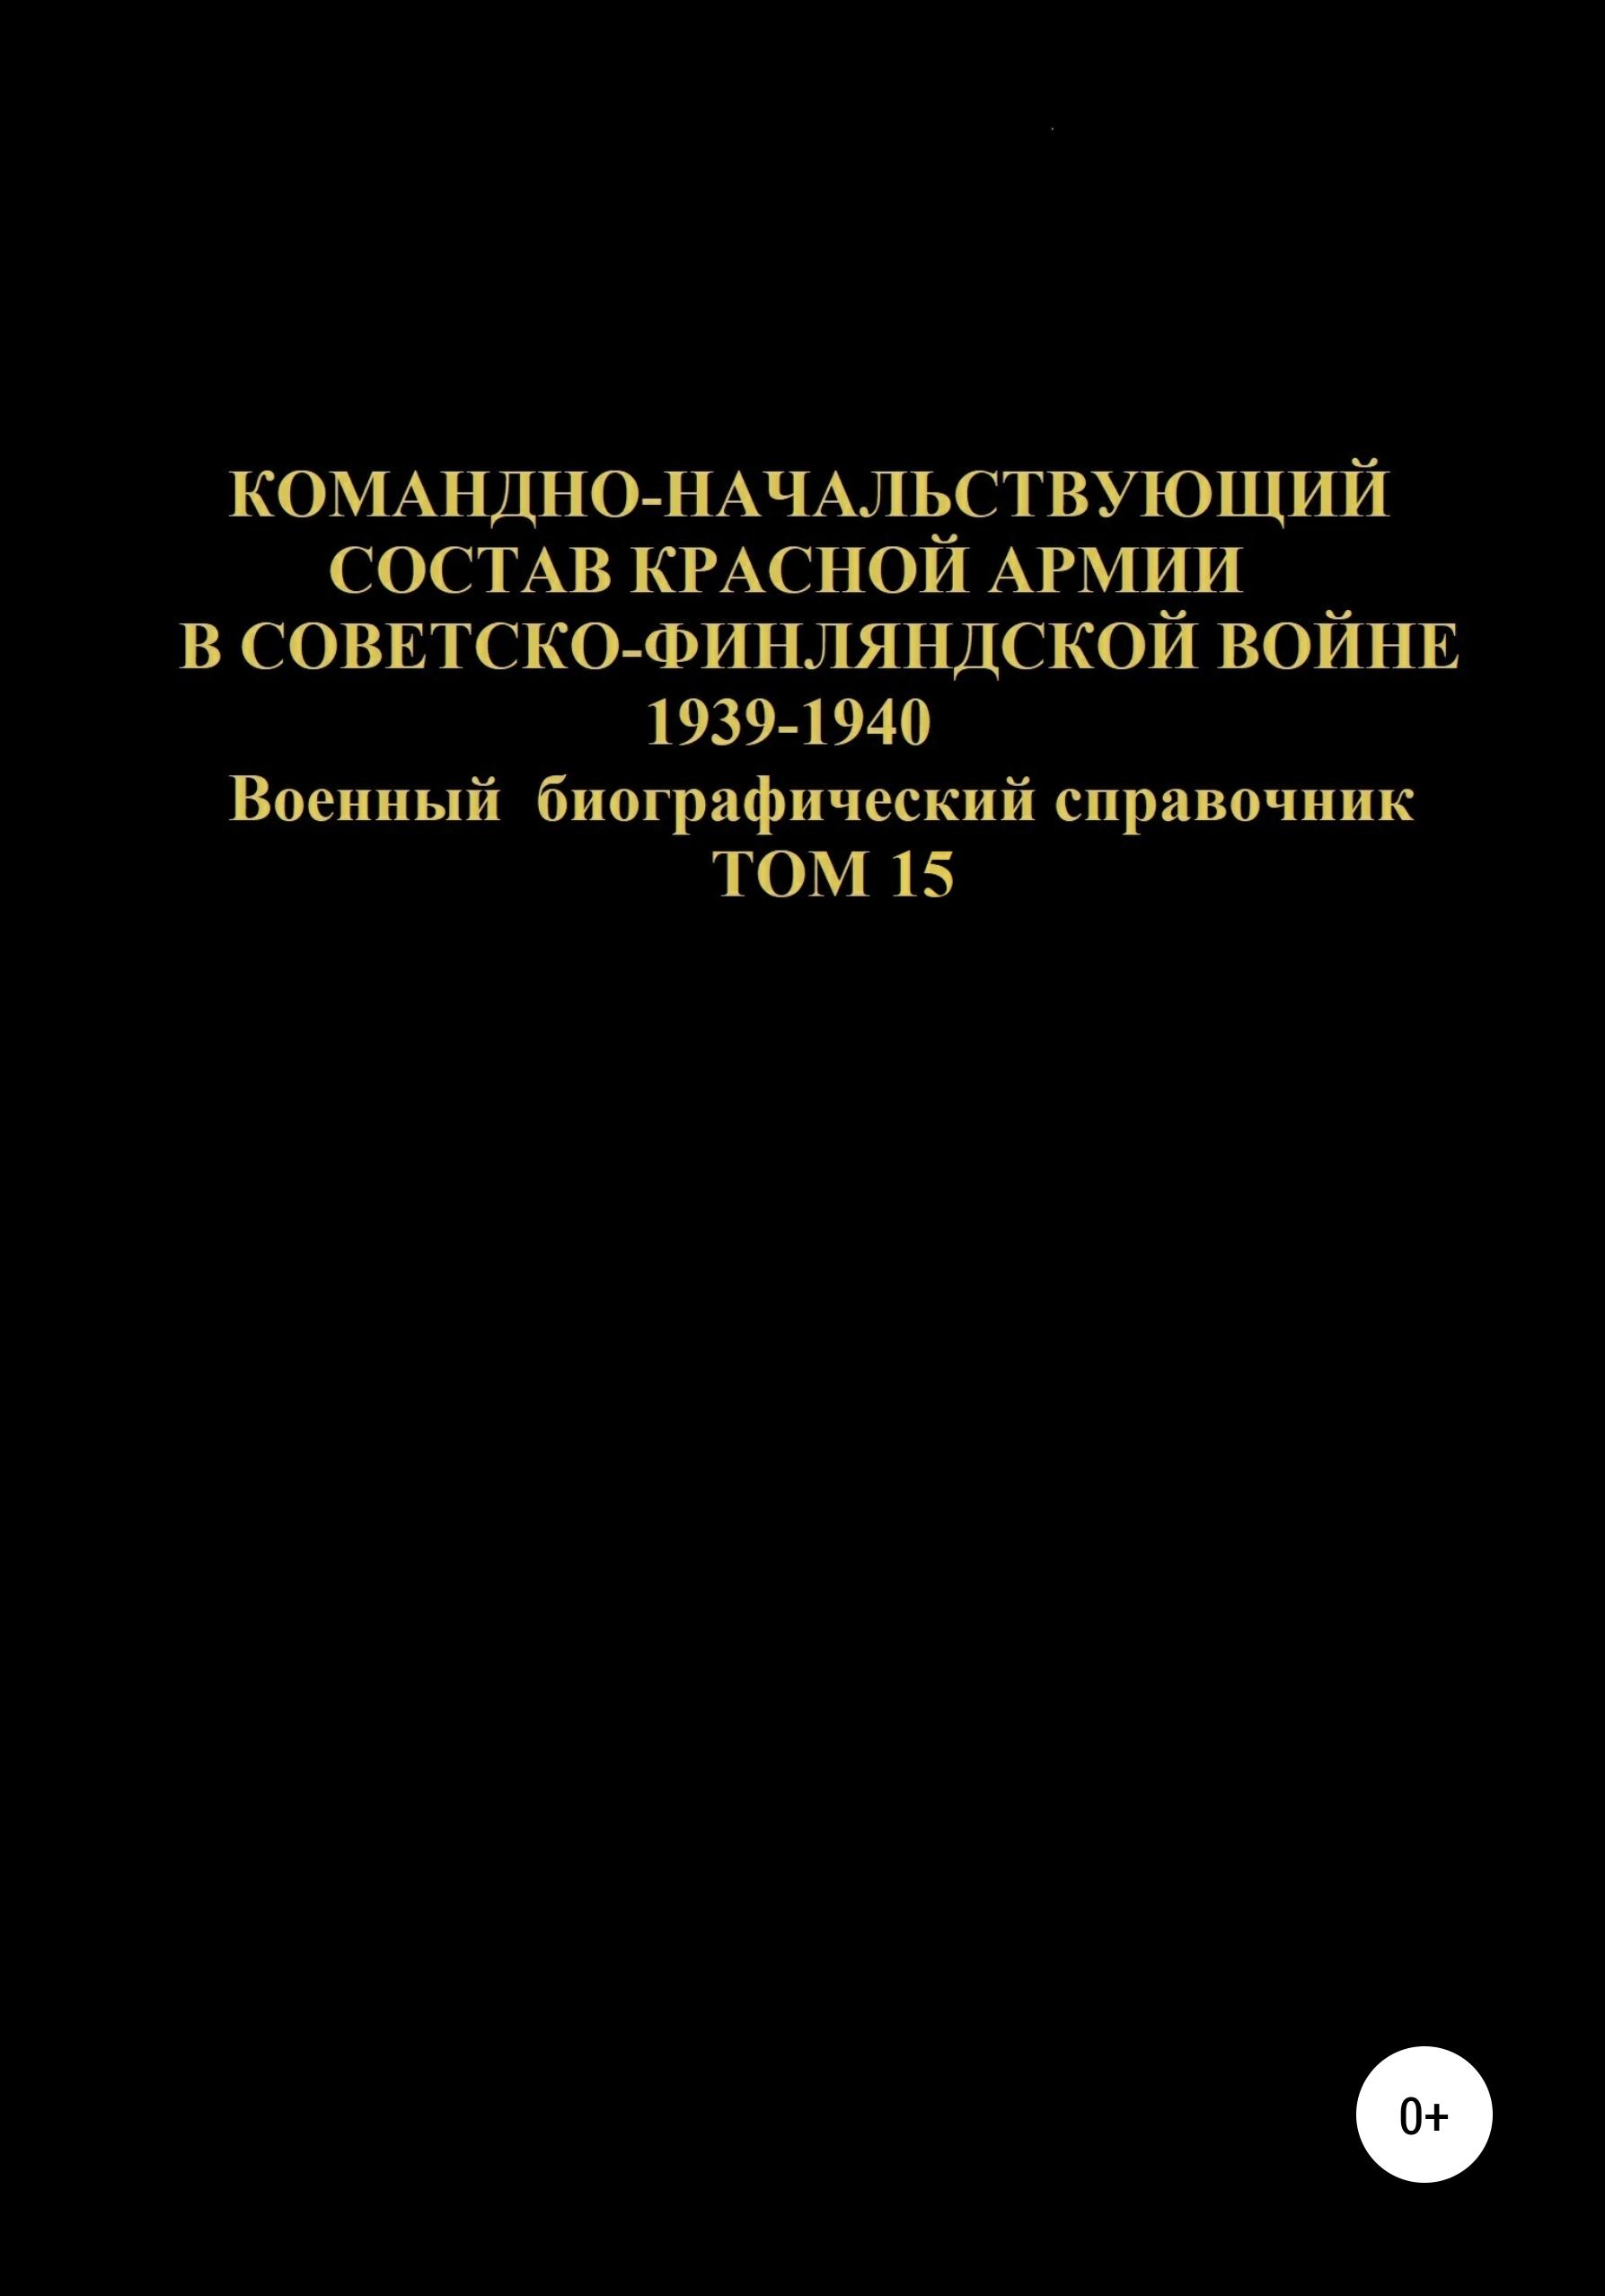 Купить книгу Командно-начальствующий состав Красной Армии в Советско-Финляндской войне 1939-1940 гг. Том 15, автора Дениса Юрьевича Соловьева